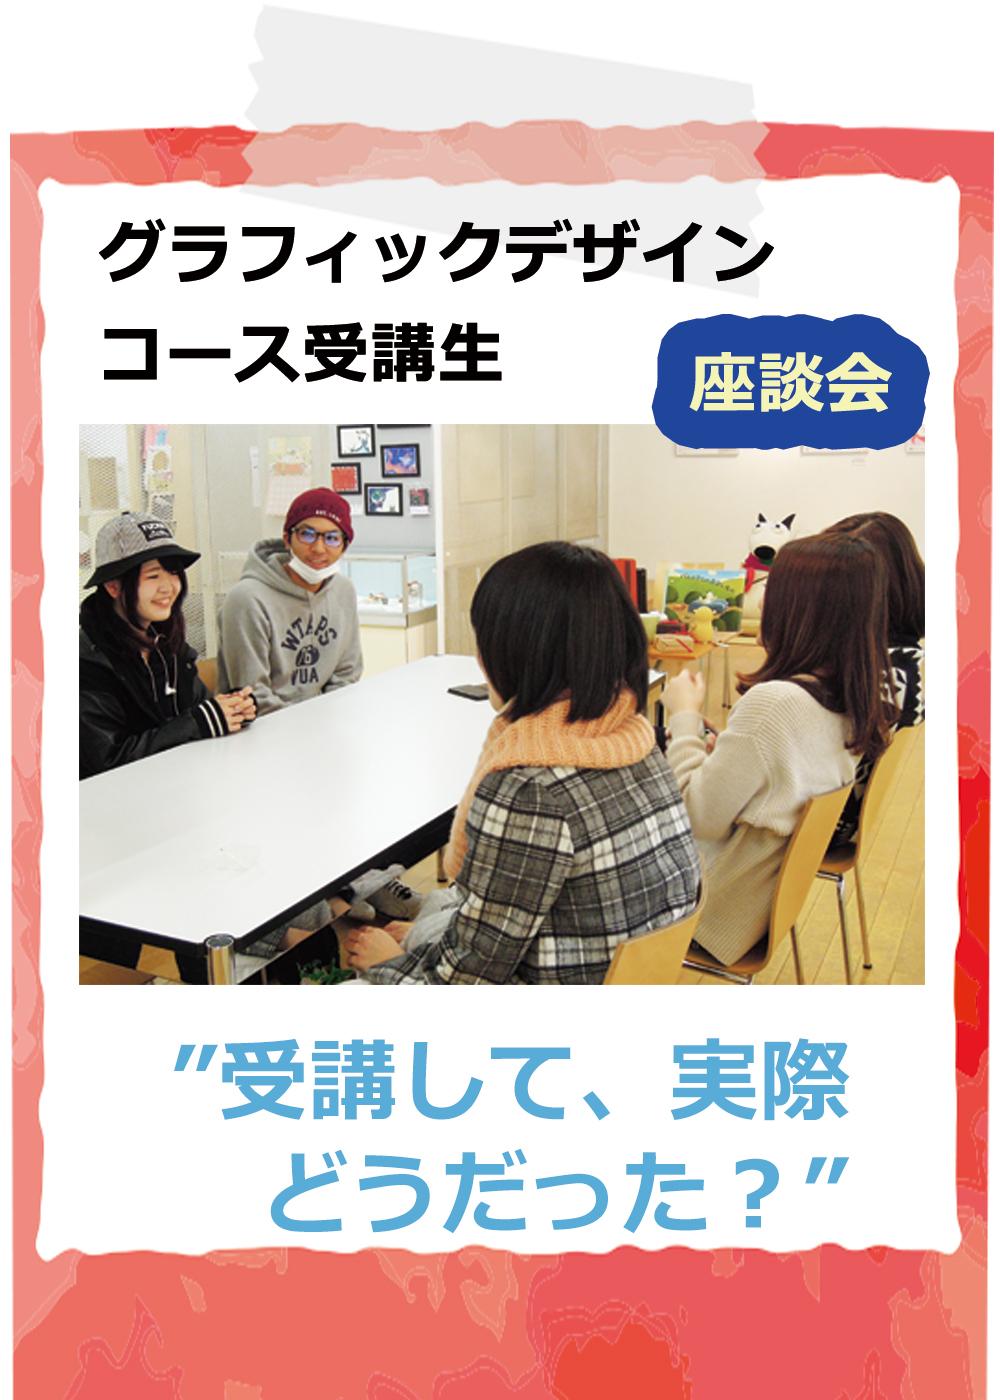 東京デザイン専門学校 夜間社会人 座談会 グラフィック